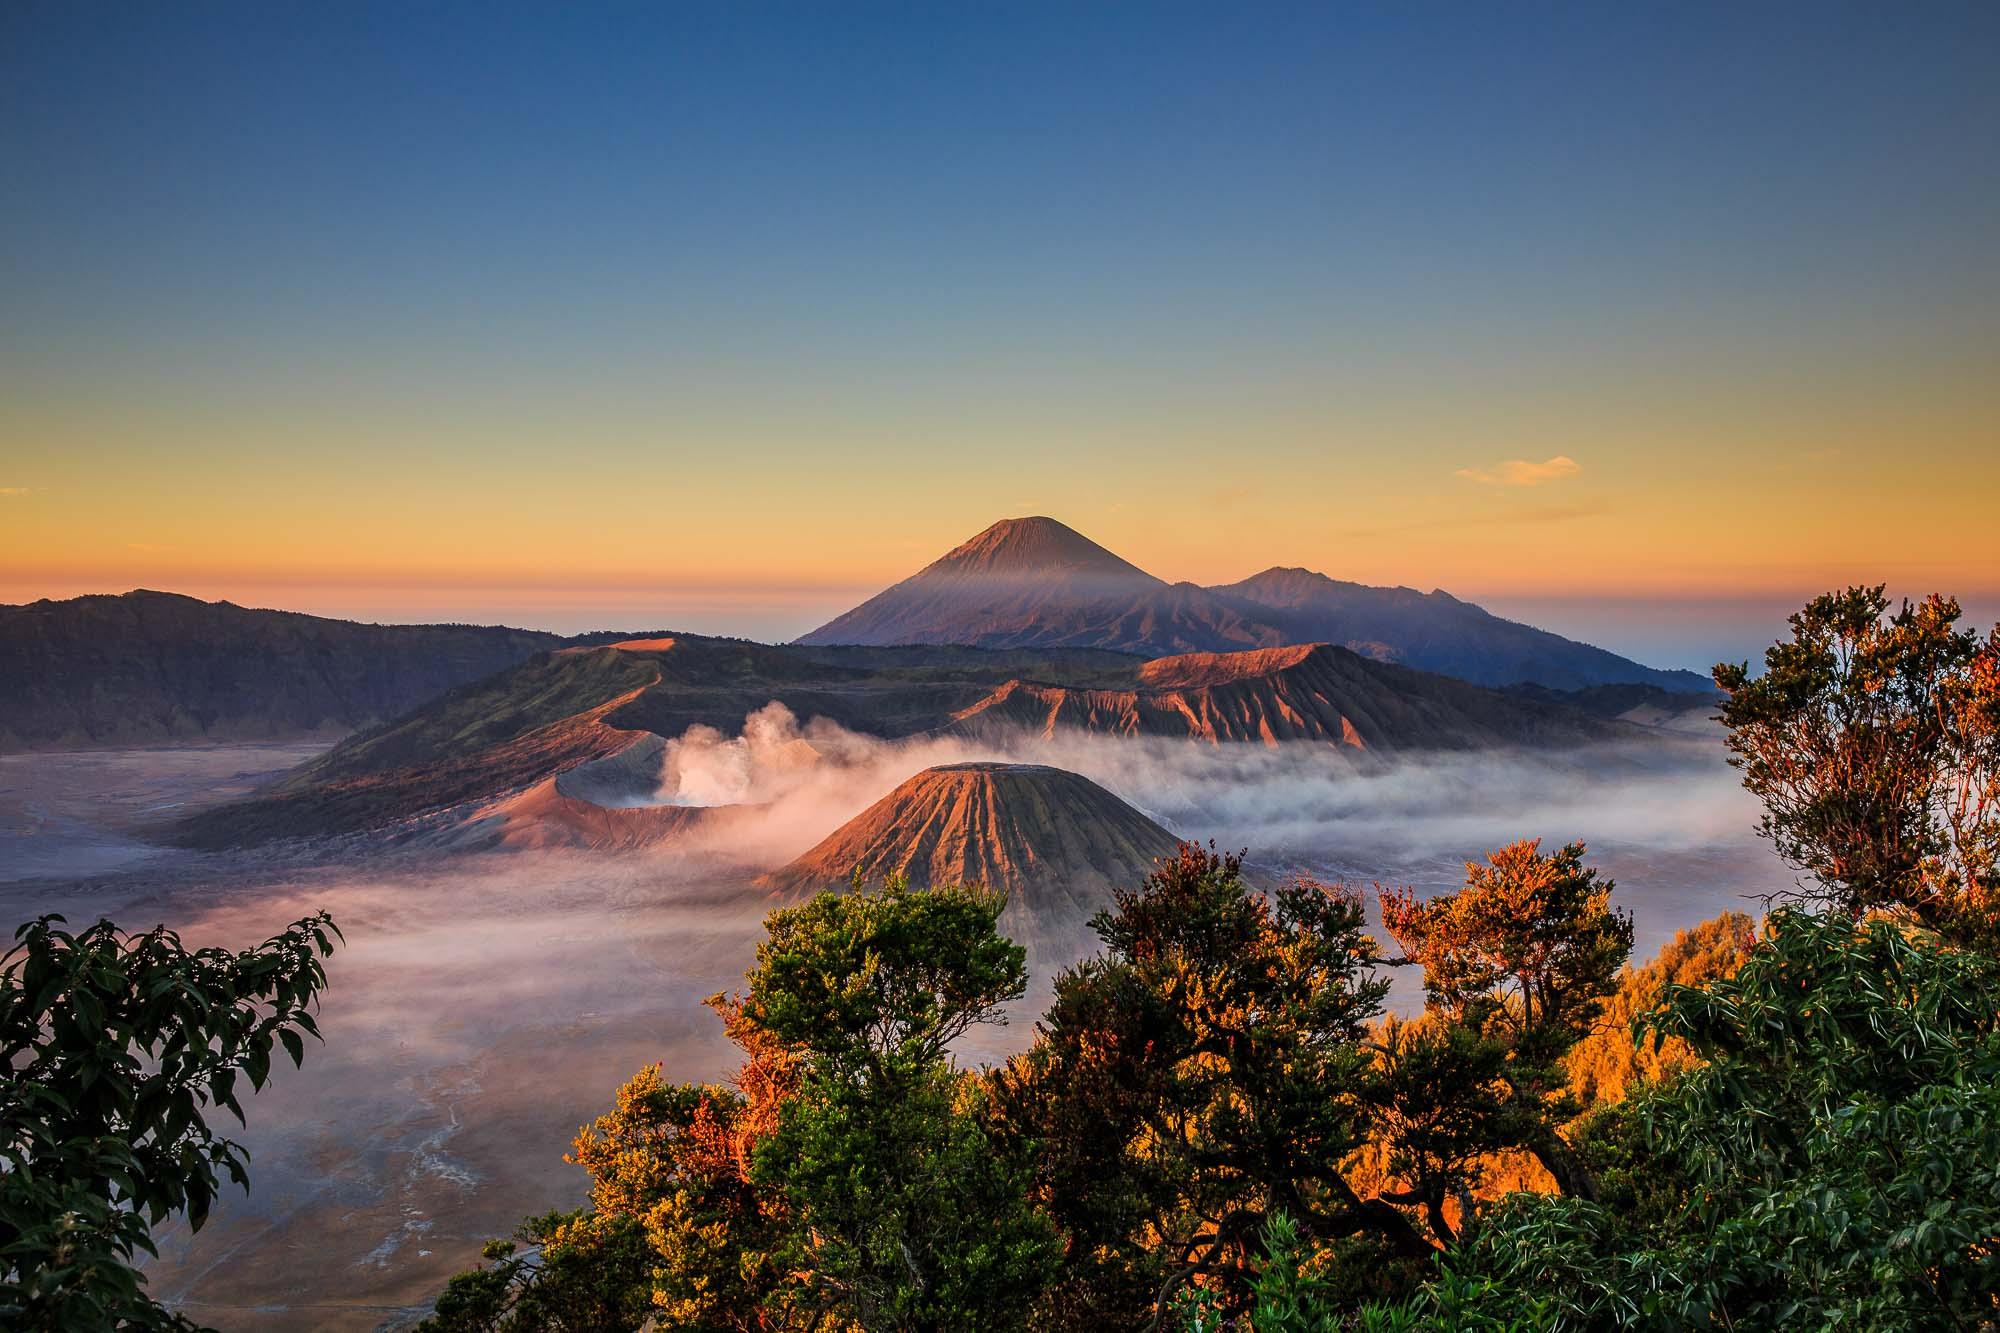 Mount Bromo at sunrise - Jus Medic